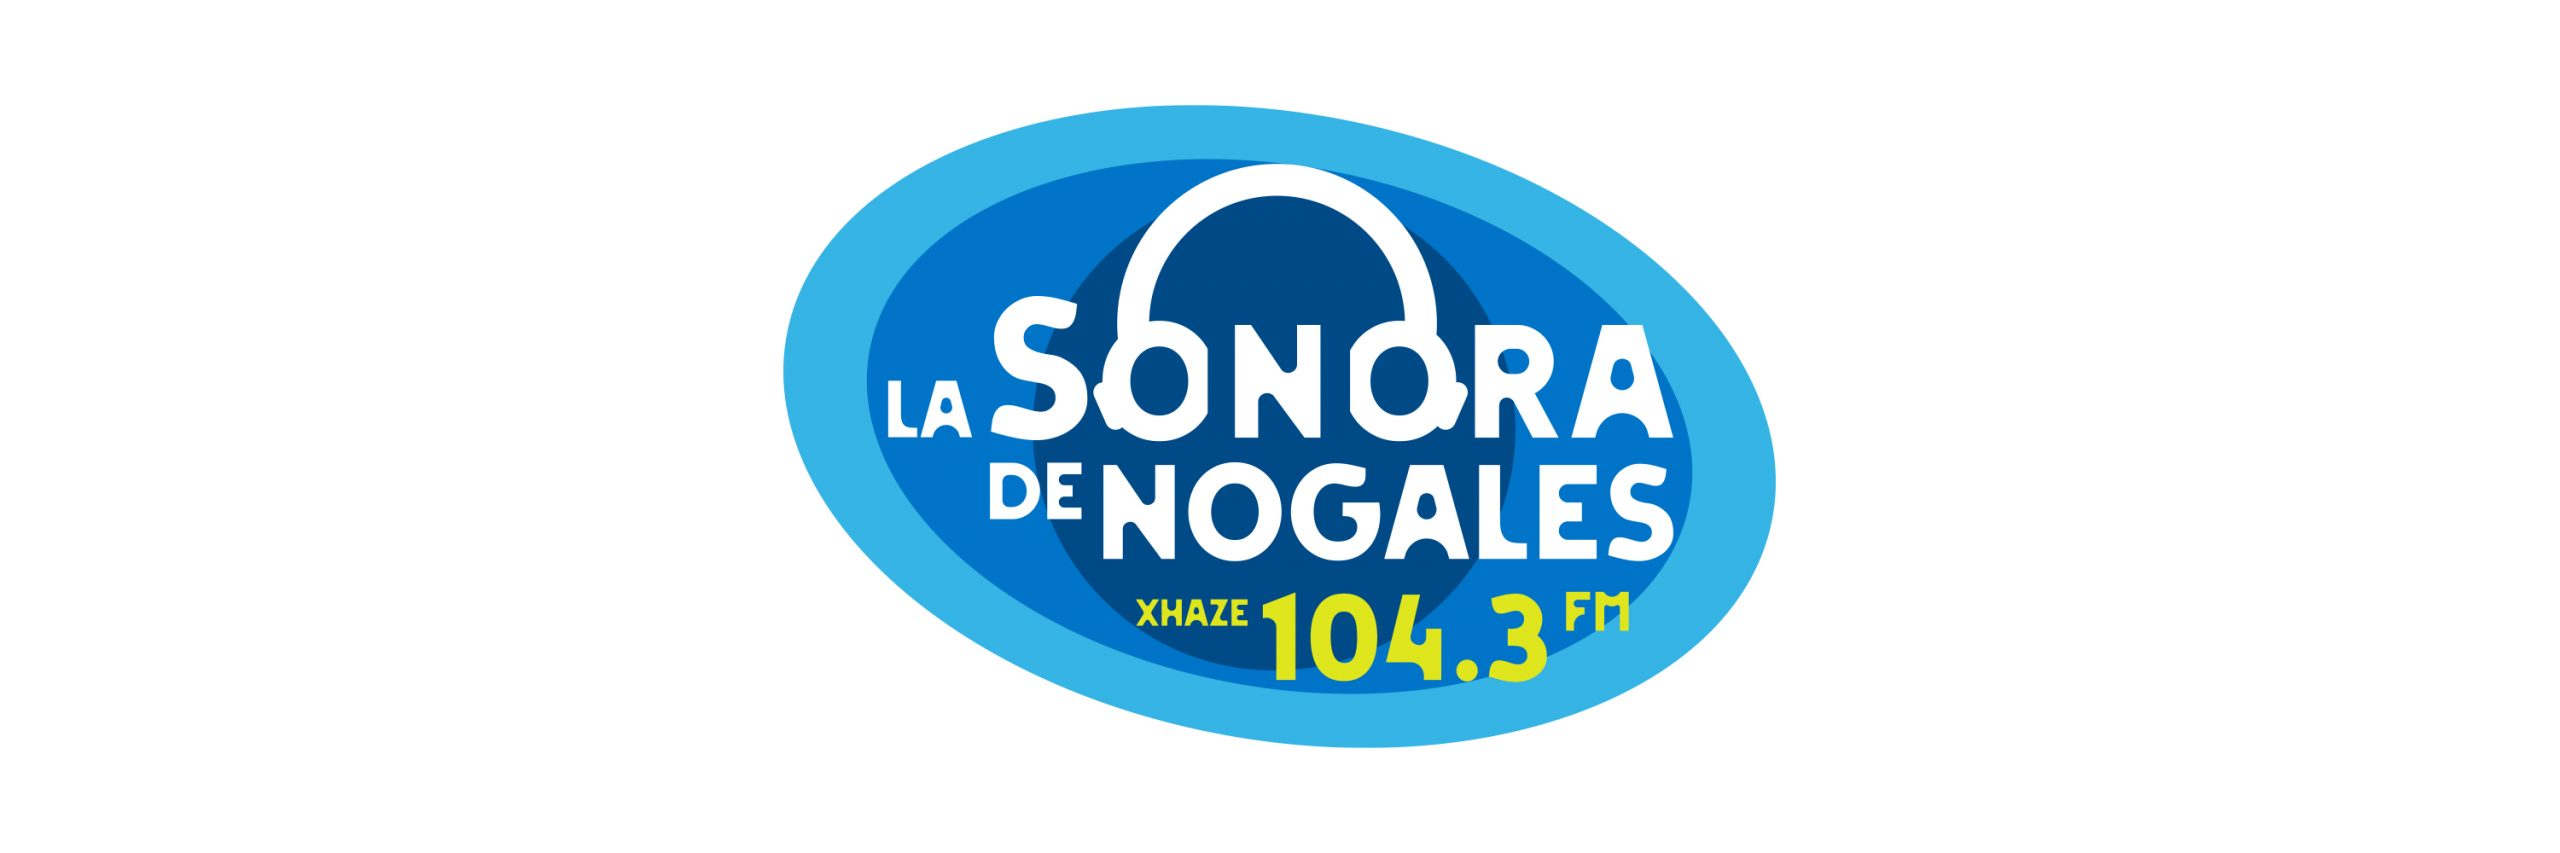 La Sonora de Nogales ~ 104.3 FM